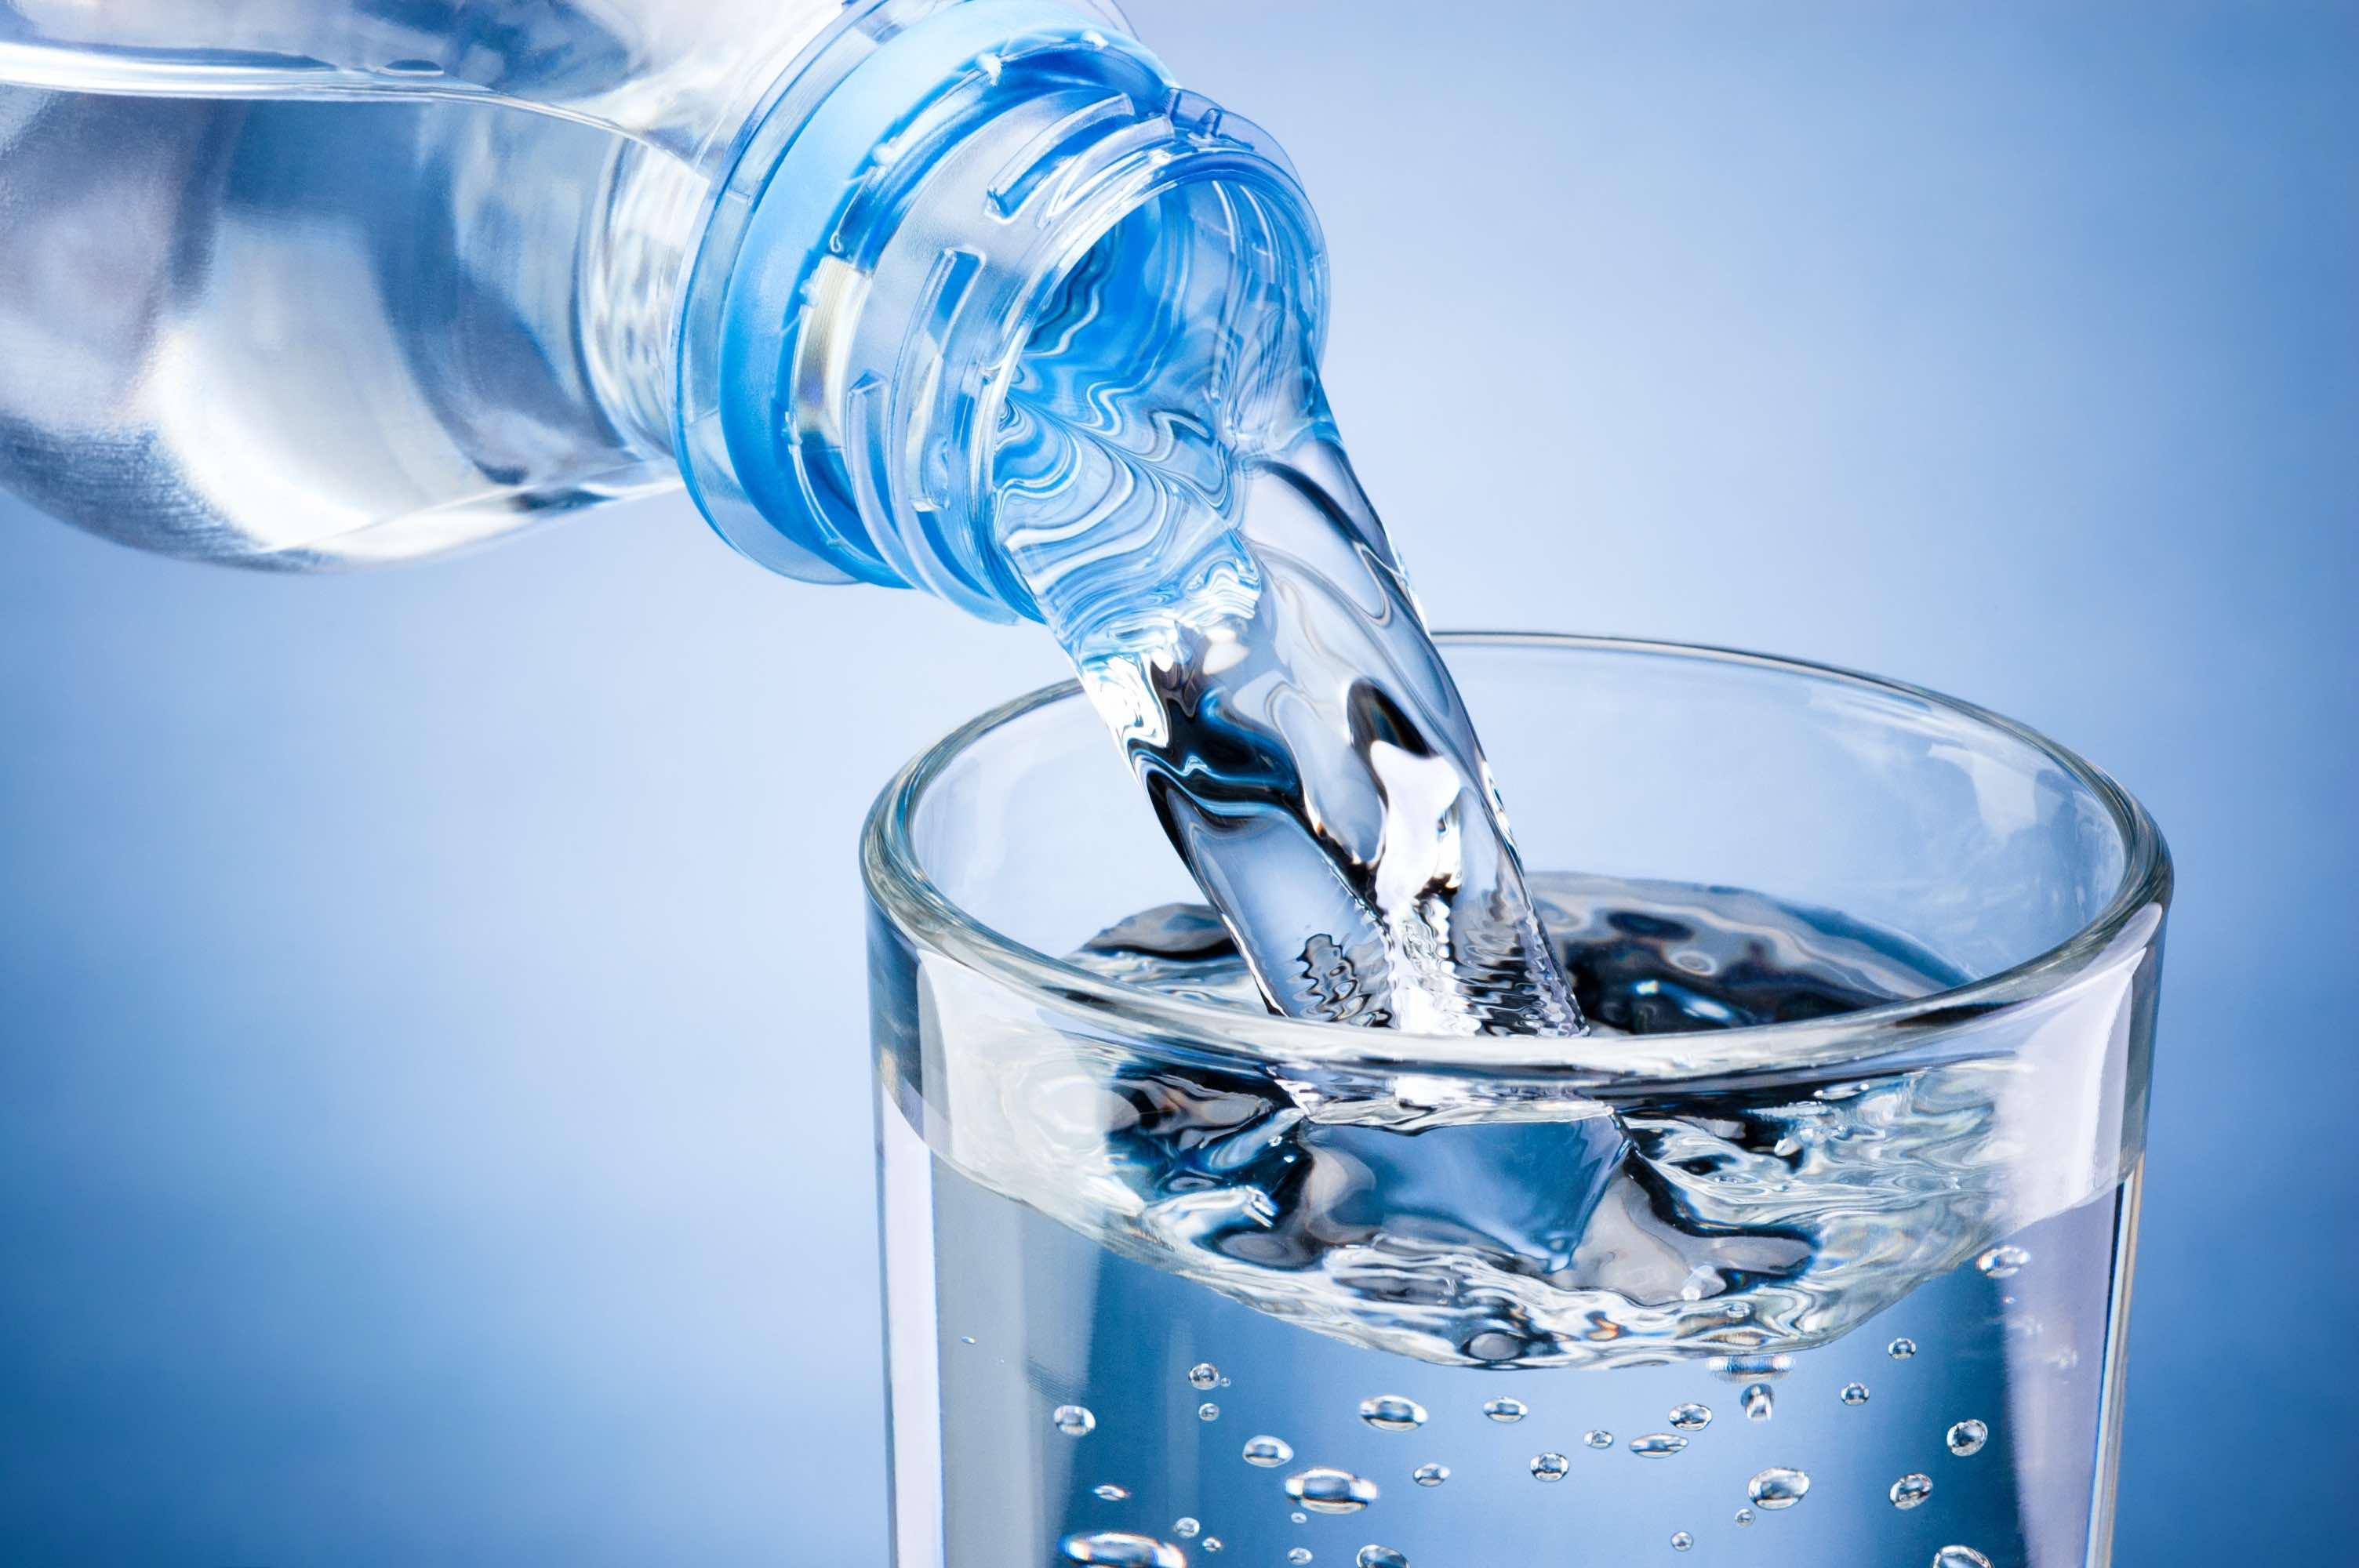 ရေဓါတ်ခန်းခြောက်ခြင်းမဖြစ်စေရန်သတိပြုပါ။/脱水症に注意